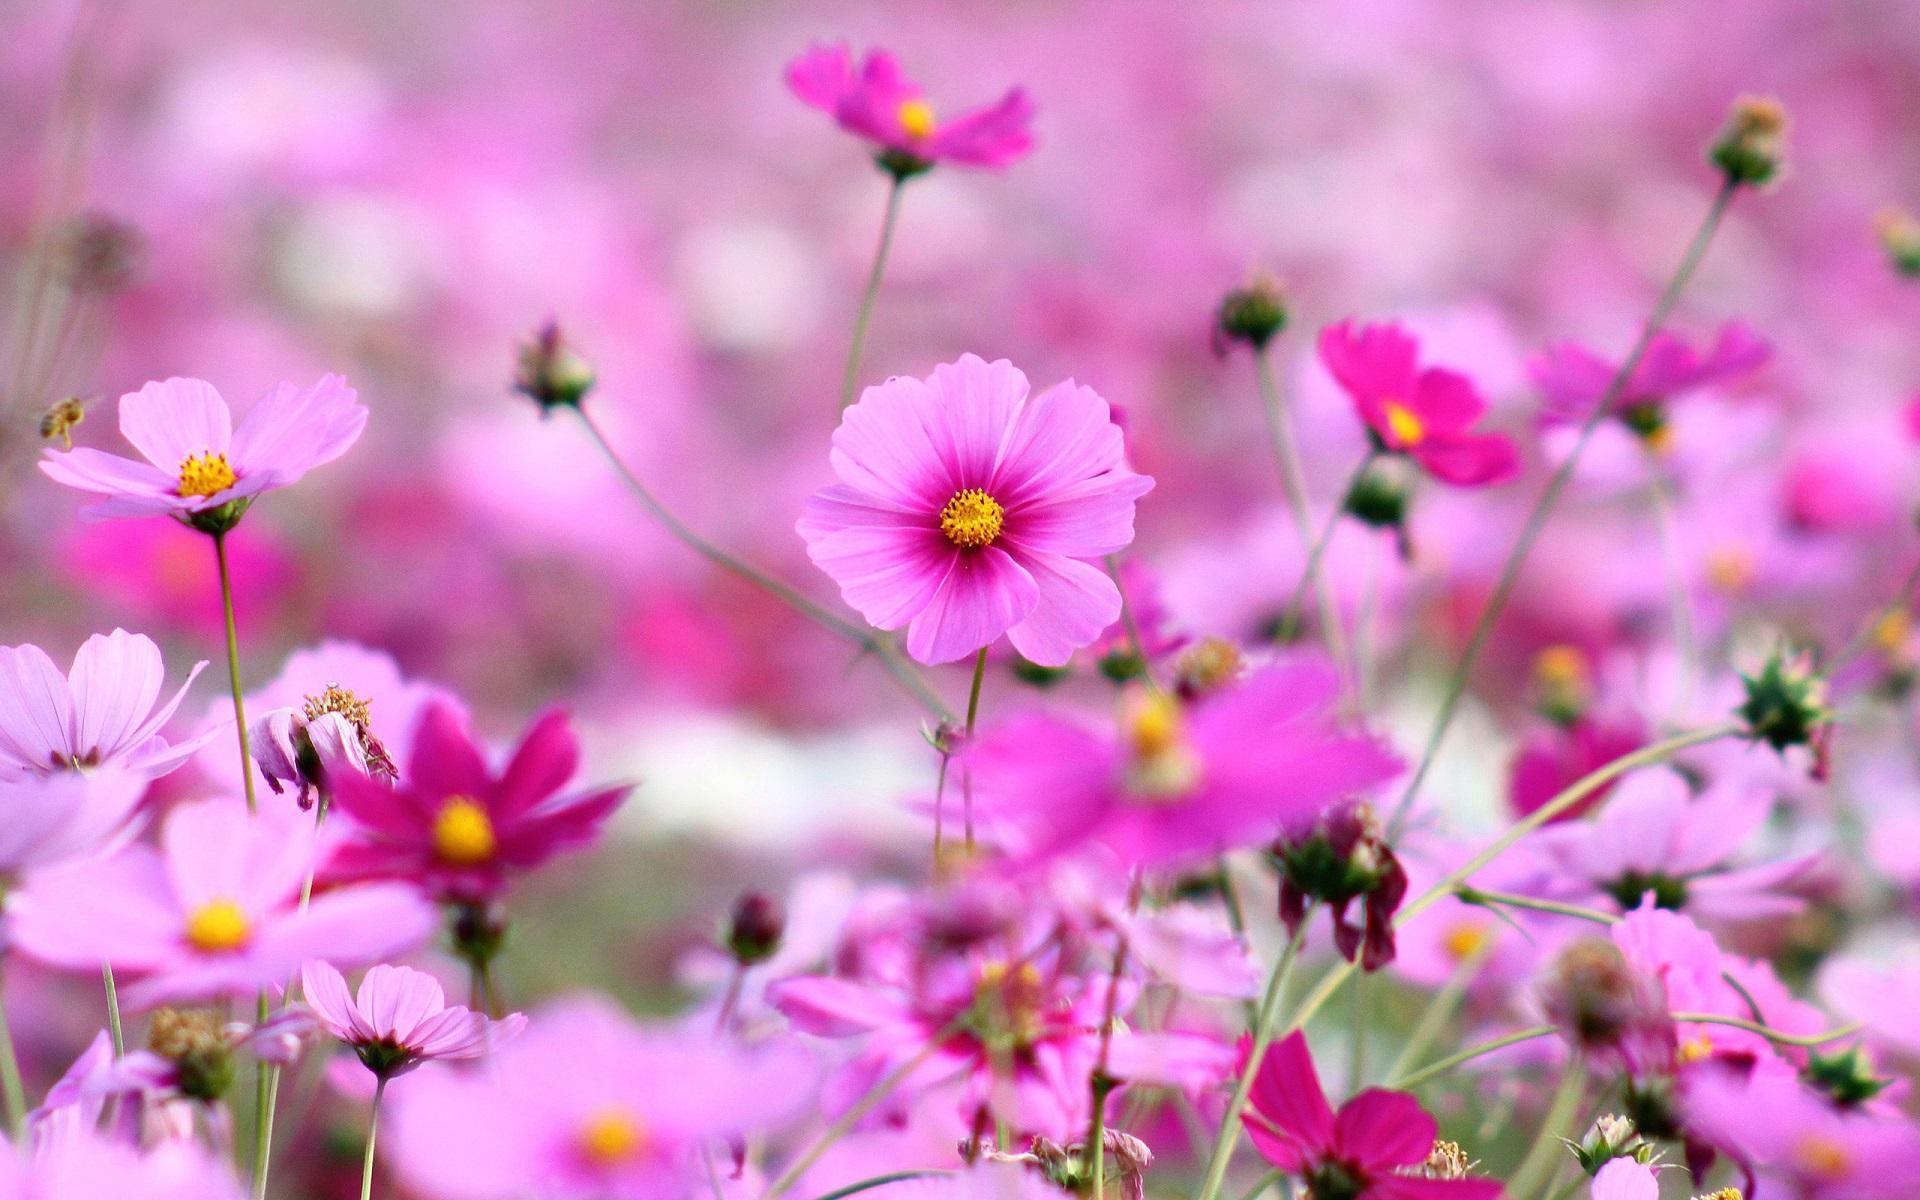 fonds d'écran hd gratuits,fleur,plante à fleurs,pétale,l'eau,rose